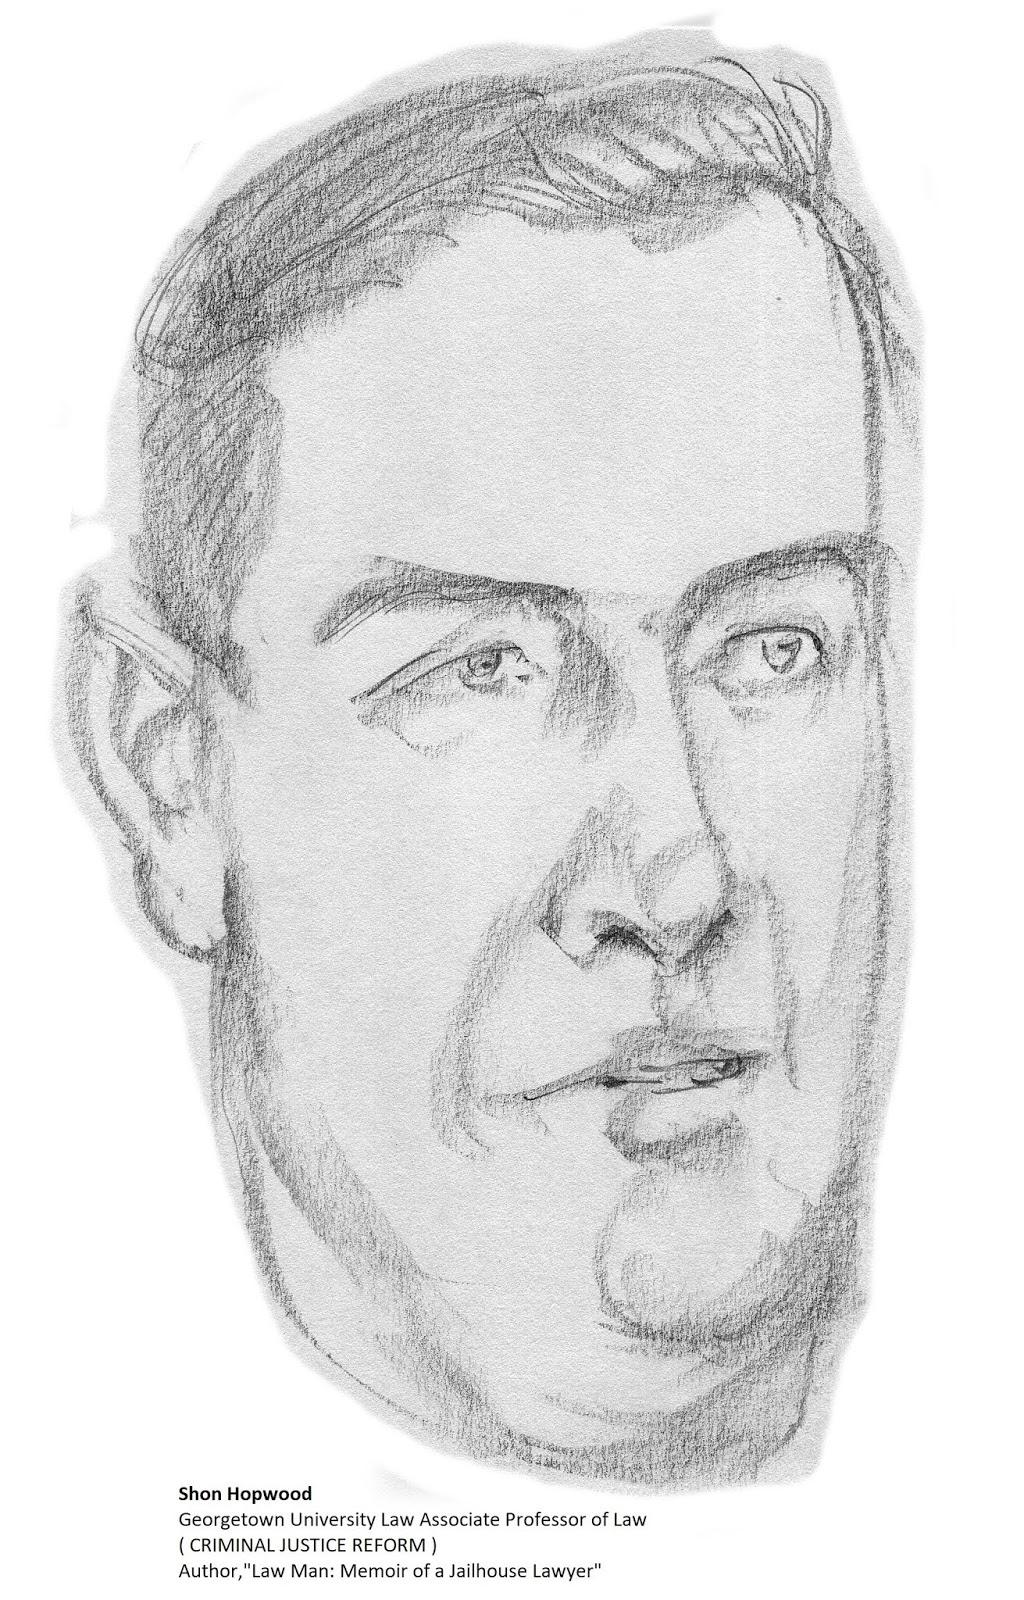 daily drawings: Shon Hopwood